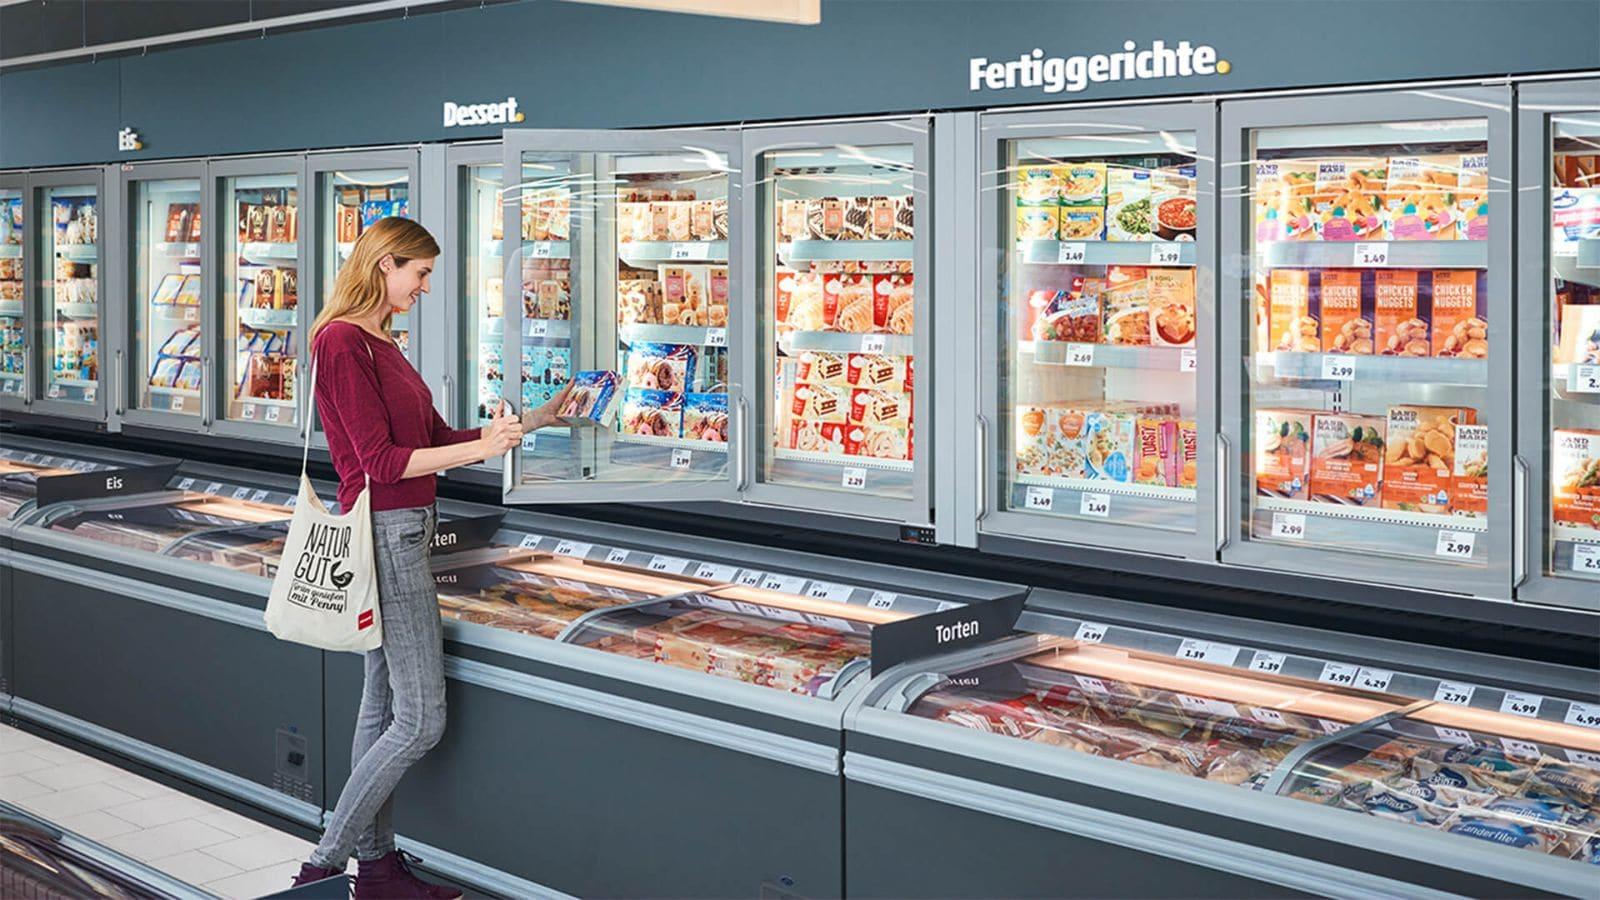 Frau in der übersichtlichen Tiefkühlabteilung des neuen Super-Discounts